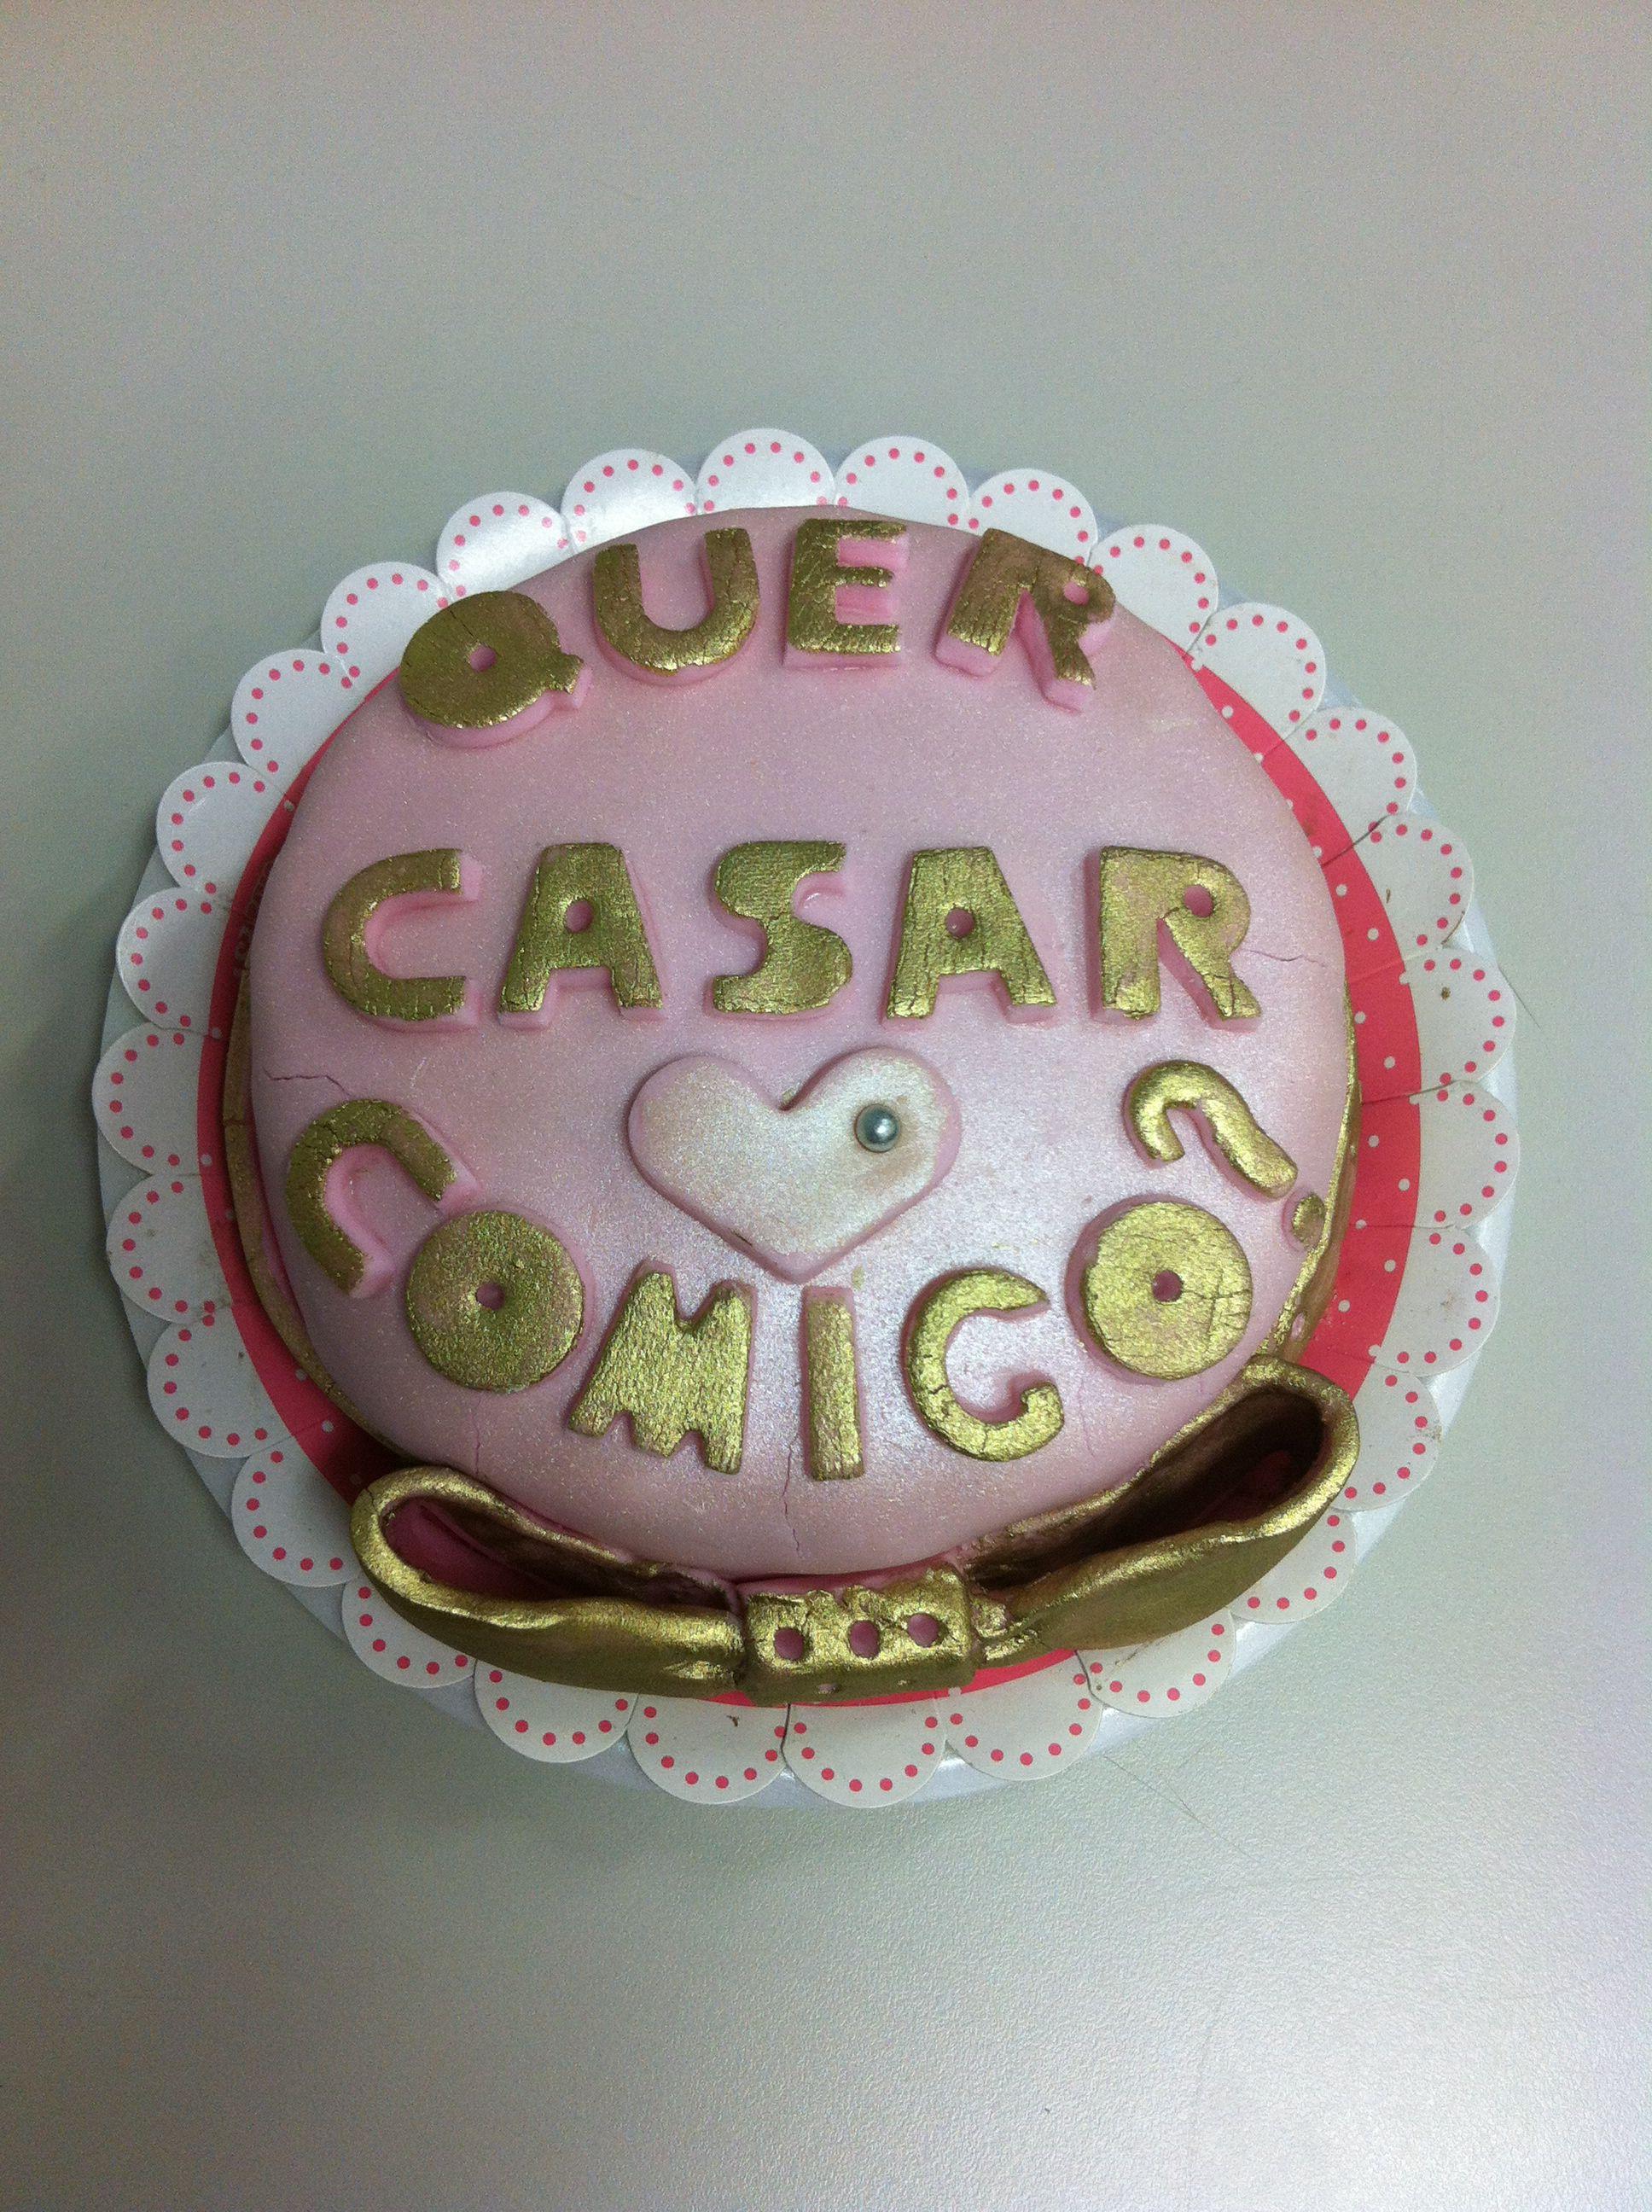 Proposal Cake Bolo Proposta: Quer casar comigo?